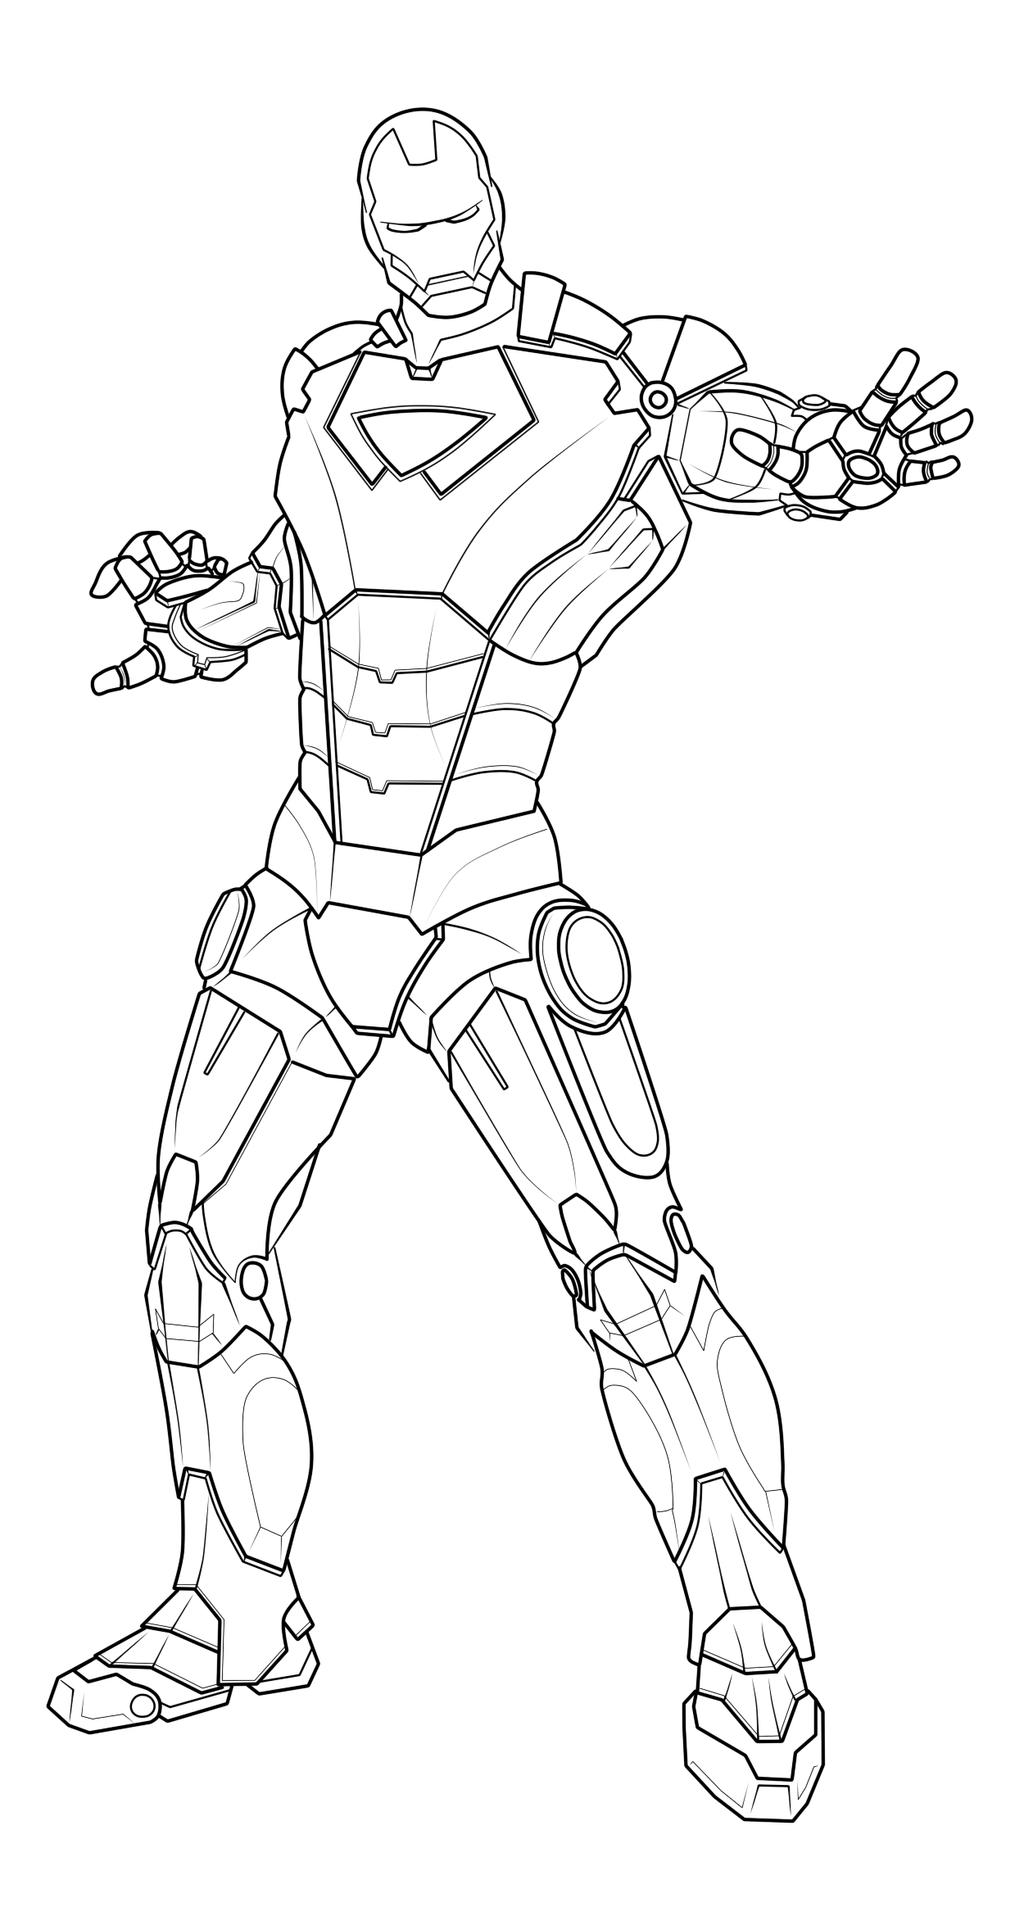 Line Art Man : Ironman line art by paolovee on deviantart